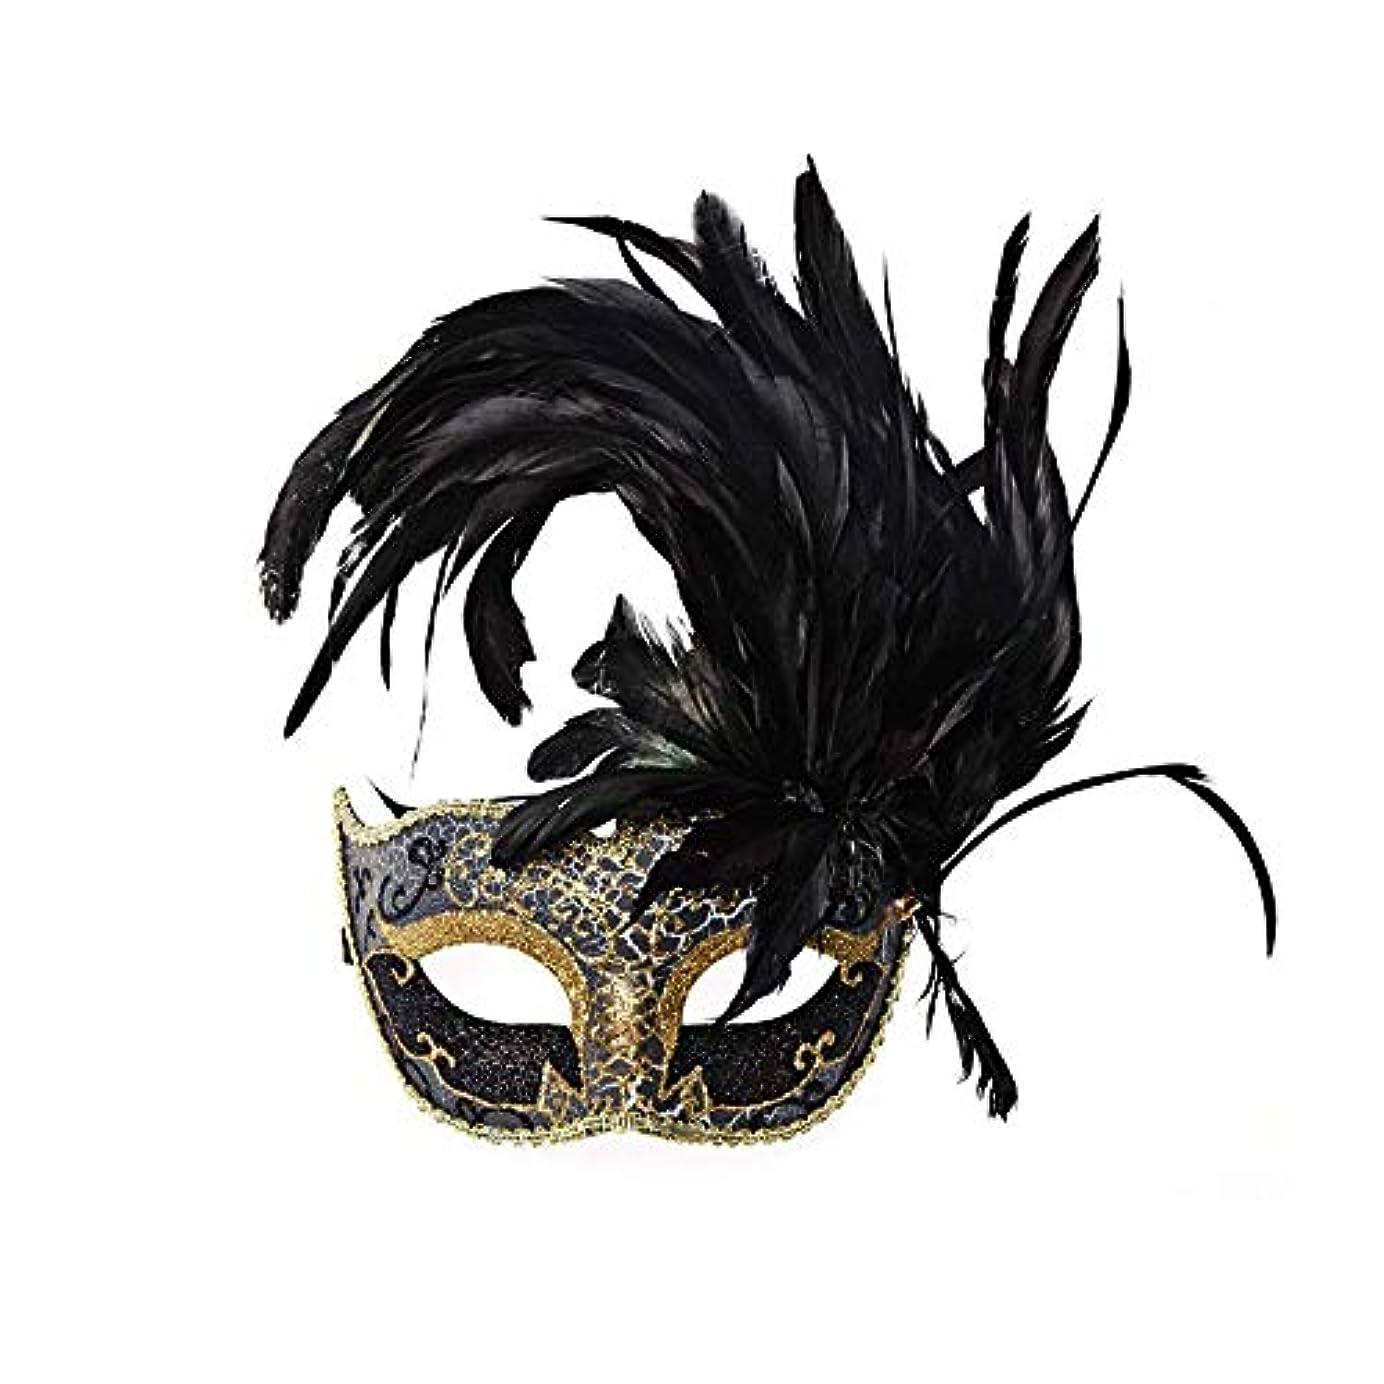 フェローシップ避難するスーツケースNanle ハロウィンマスクハーフフェザーマスクベニスプリンセスマスク美容レース仮面ライダーコスプレ (色 : Style A black)